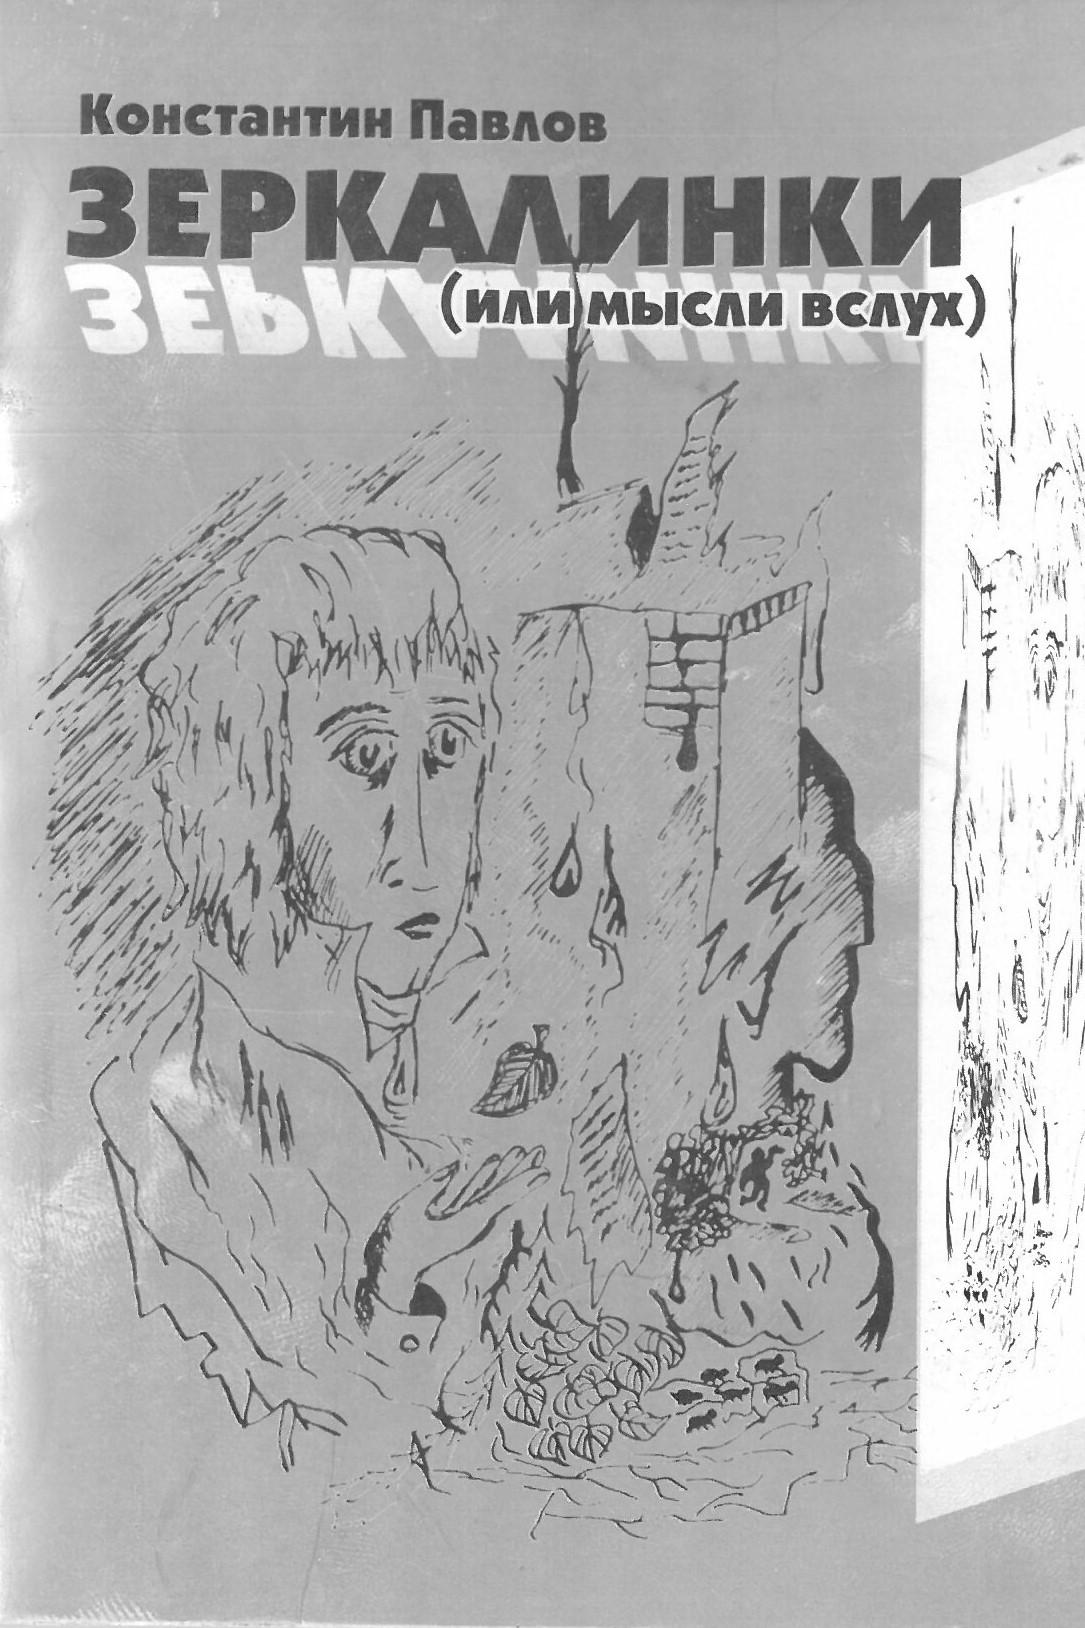 Зеркалинки - Константин Павлов (1)